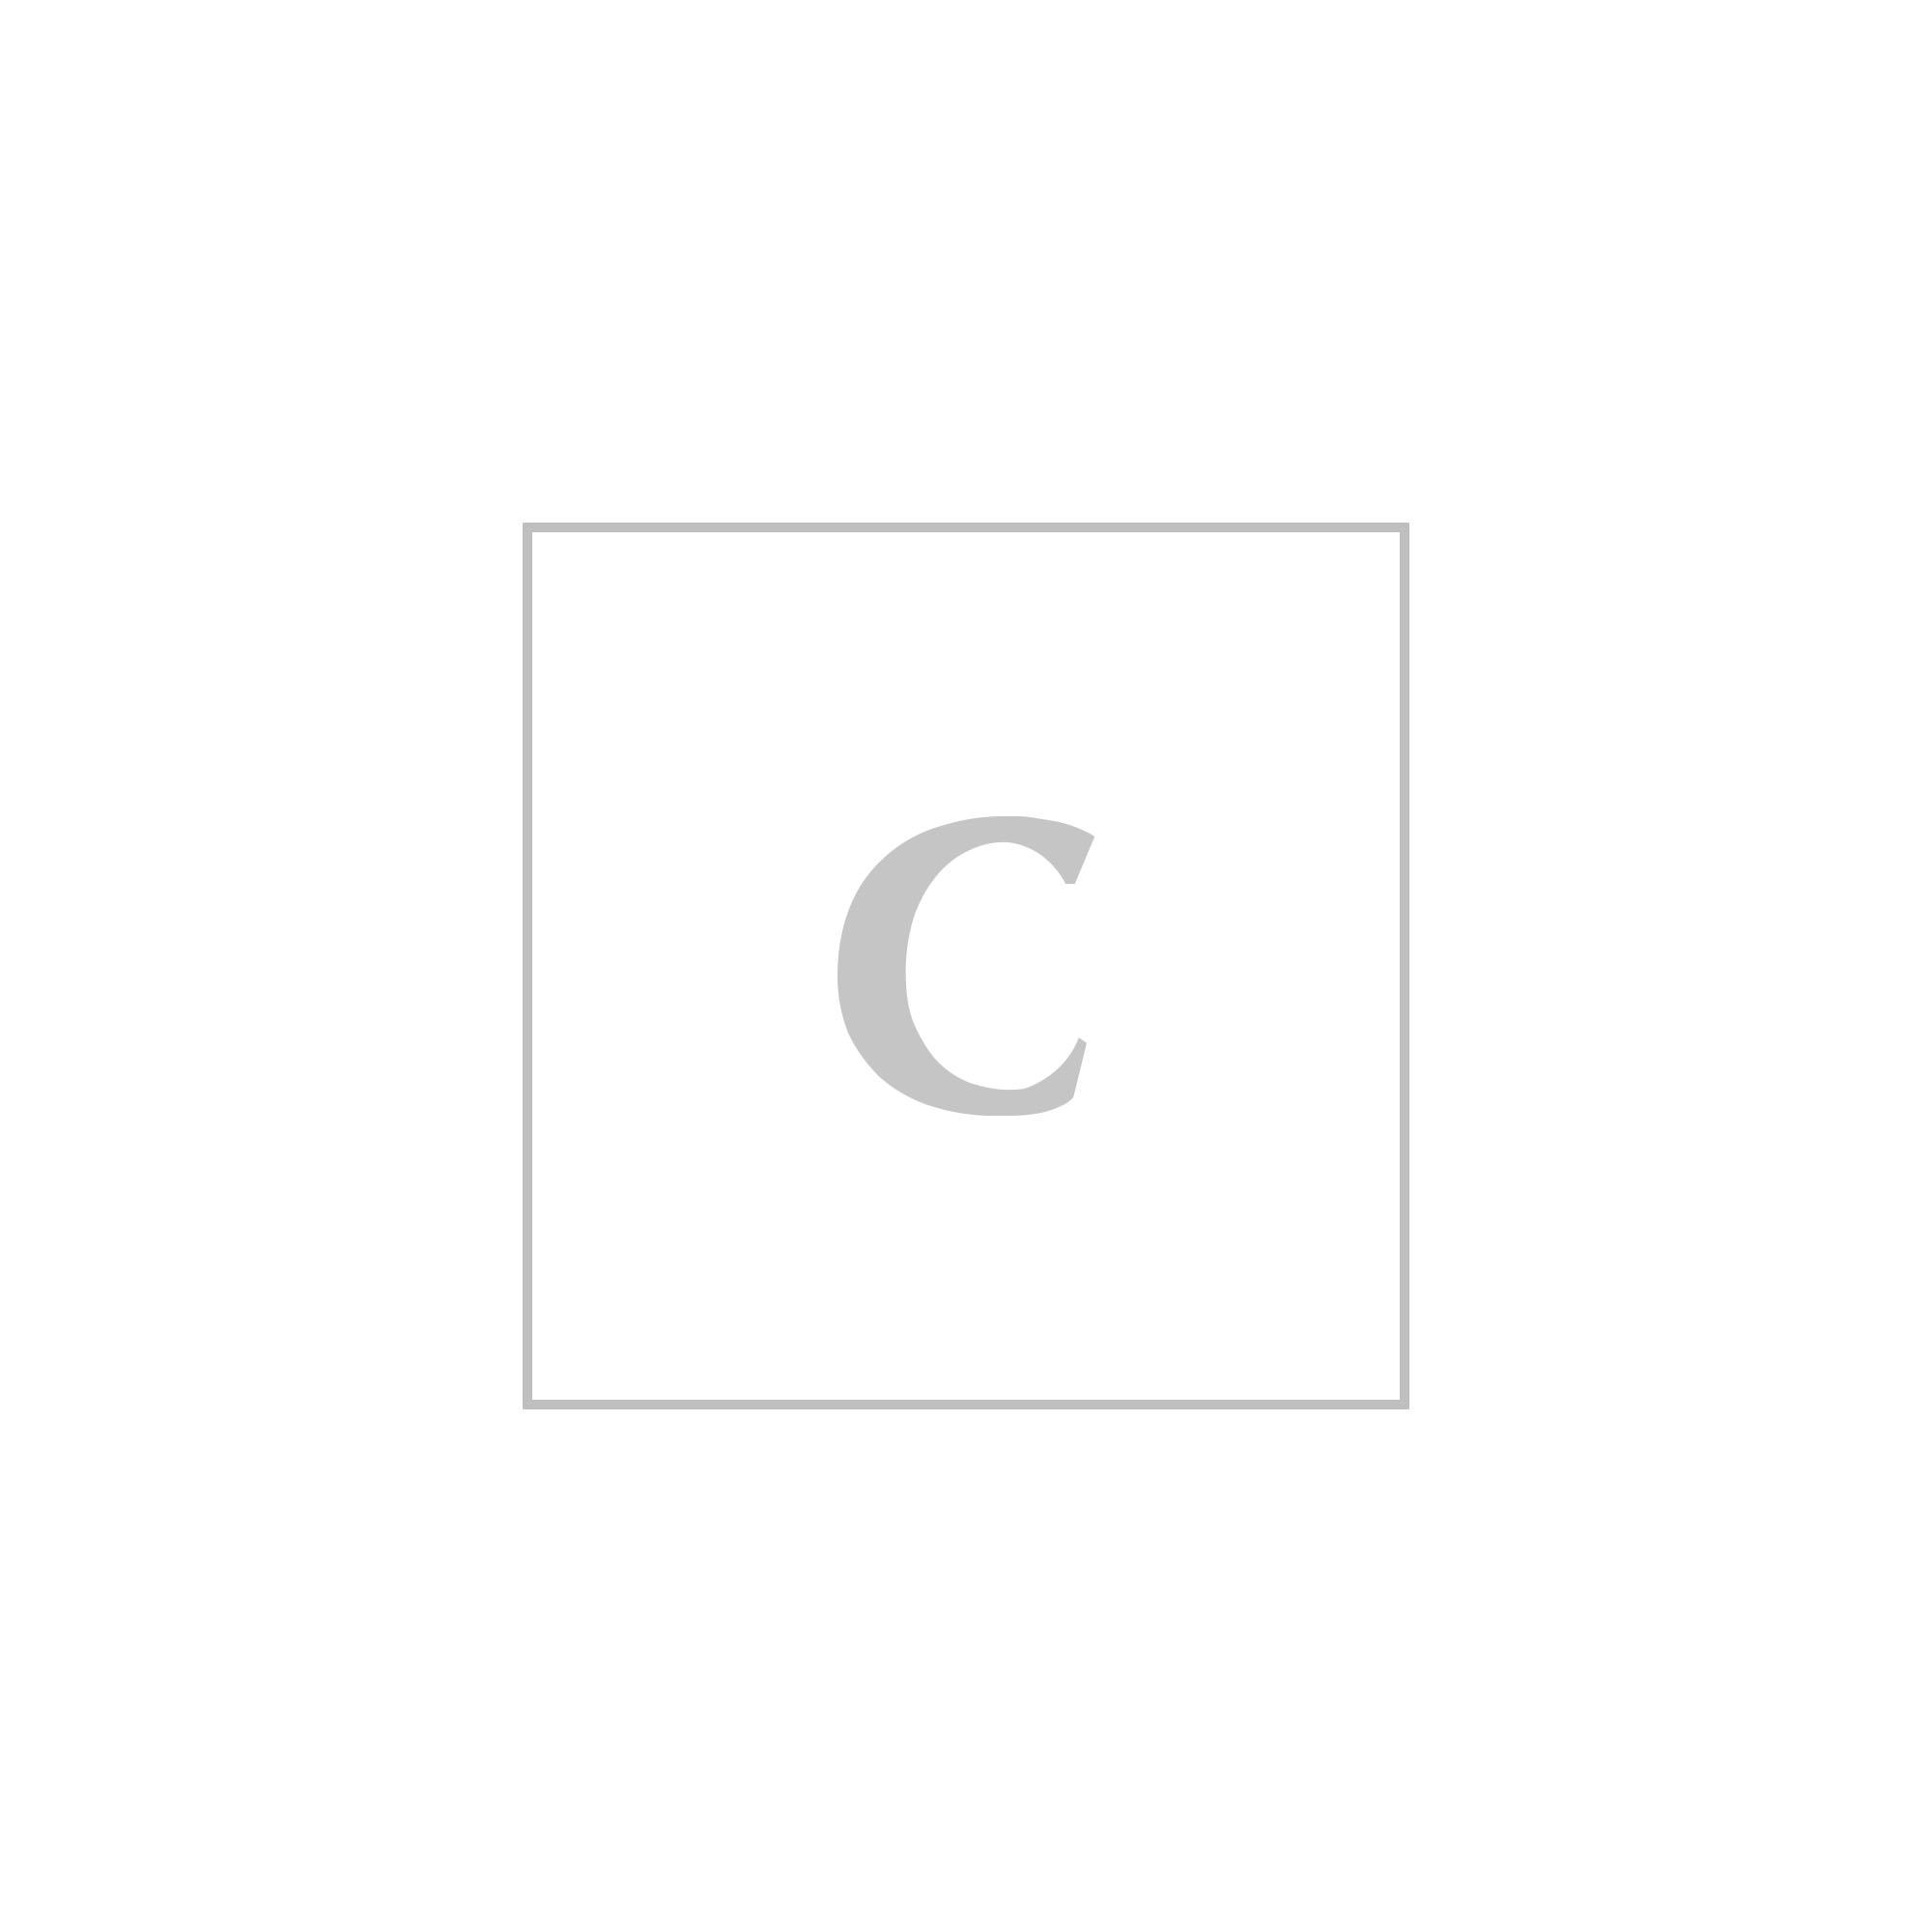 Moncler piumino rabelais